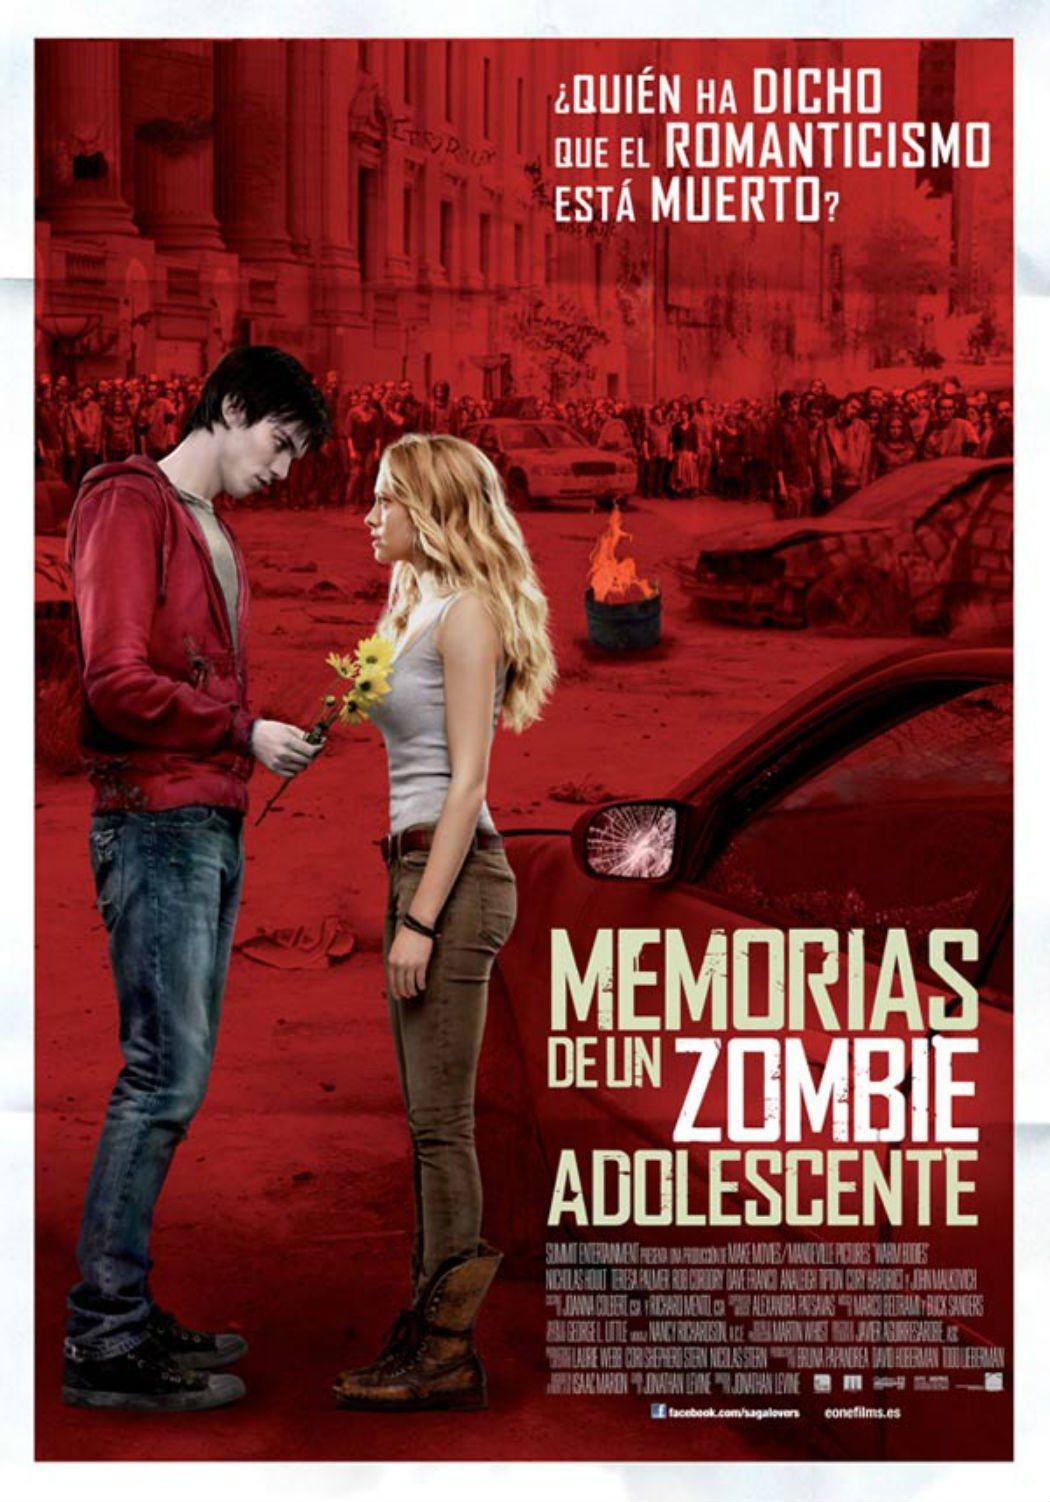 'Memorias de un zombie adolescente' (2012)